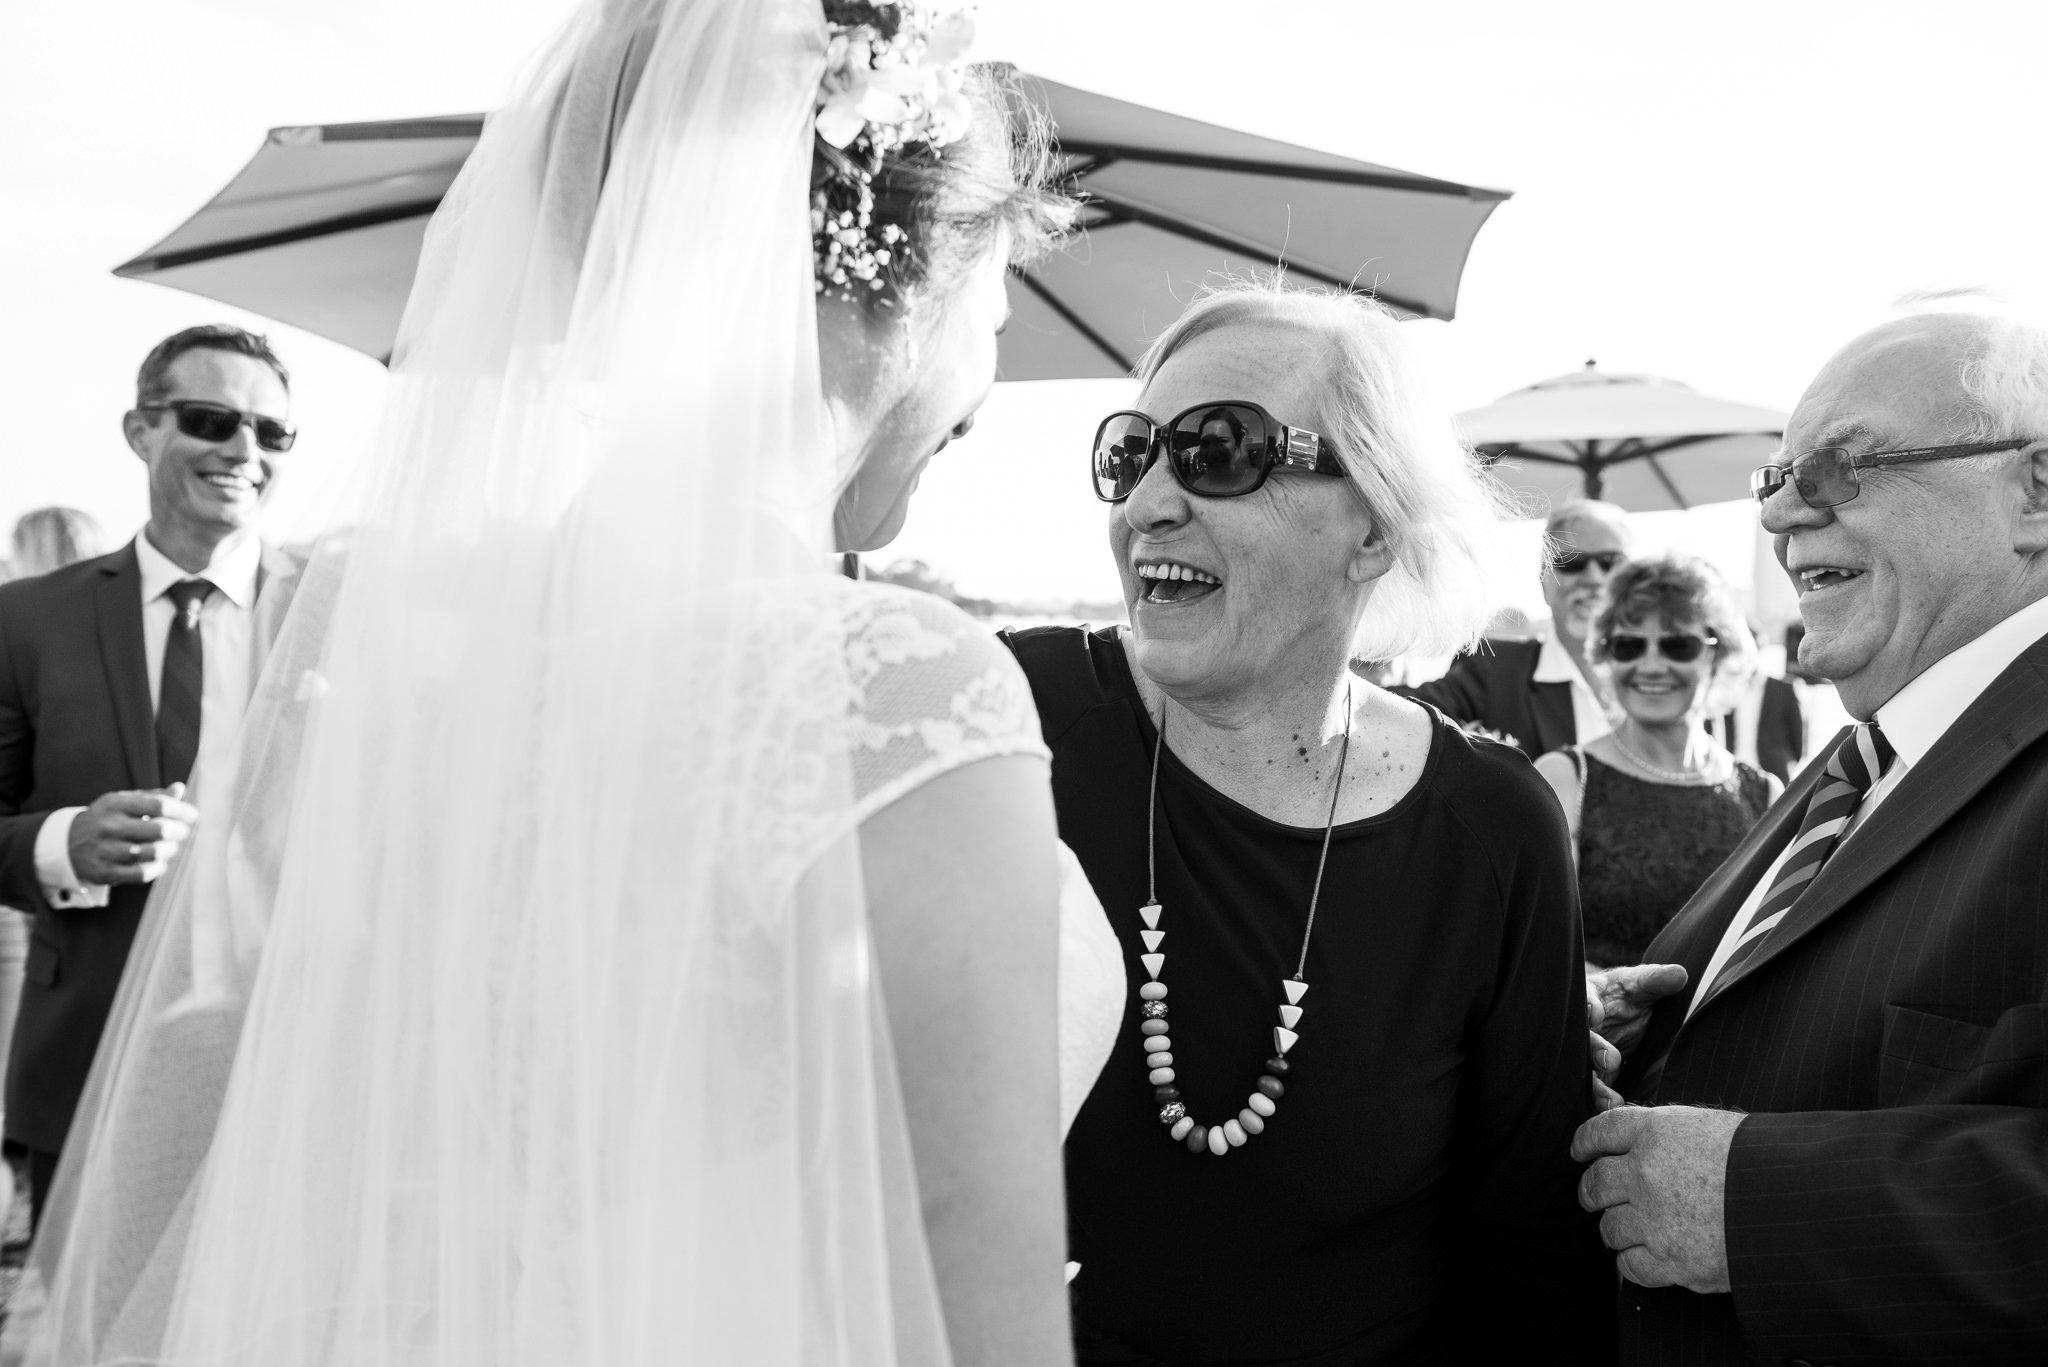 bride getting congratulated